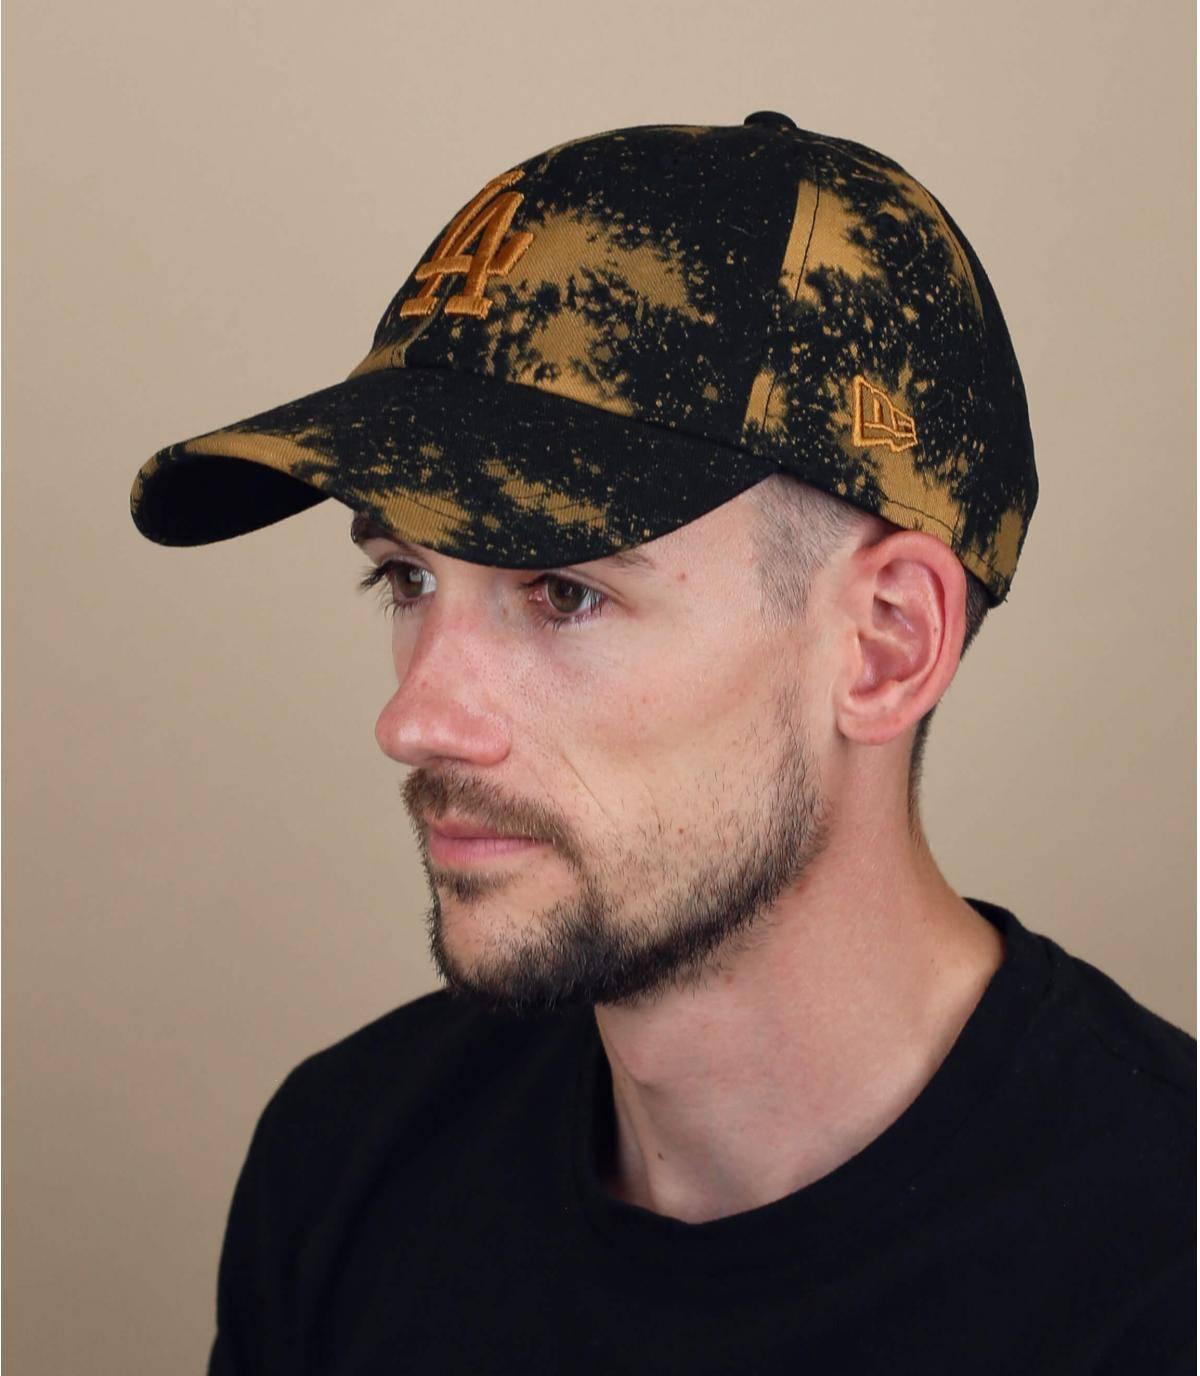 cappellino LA nero